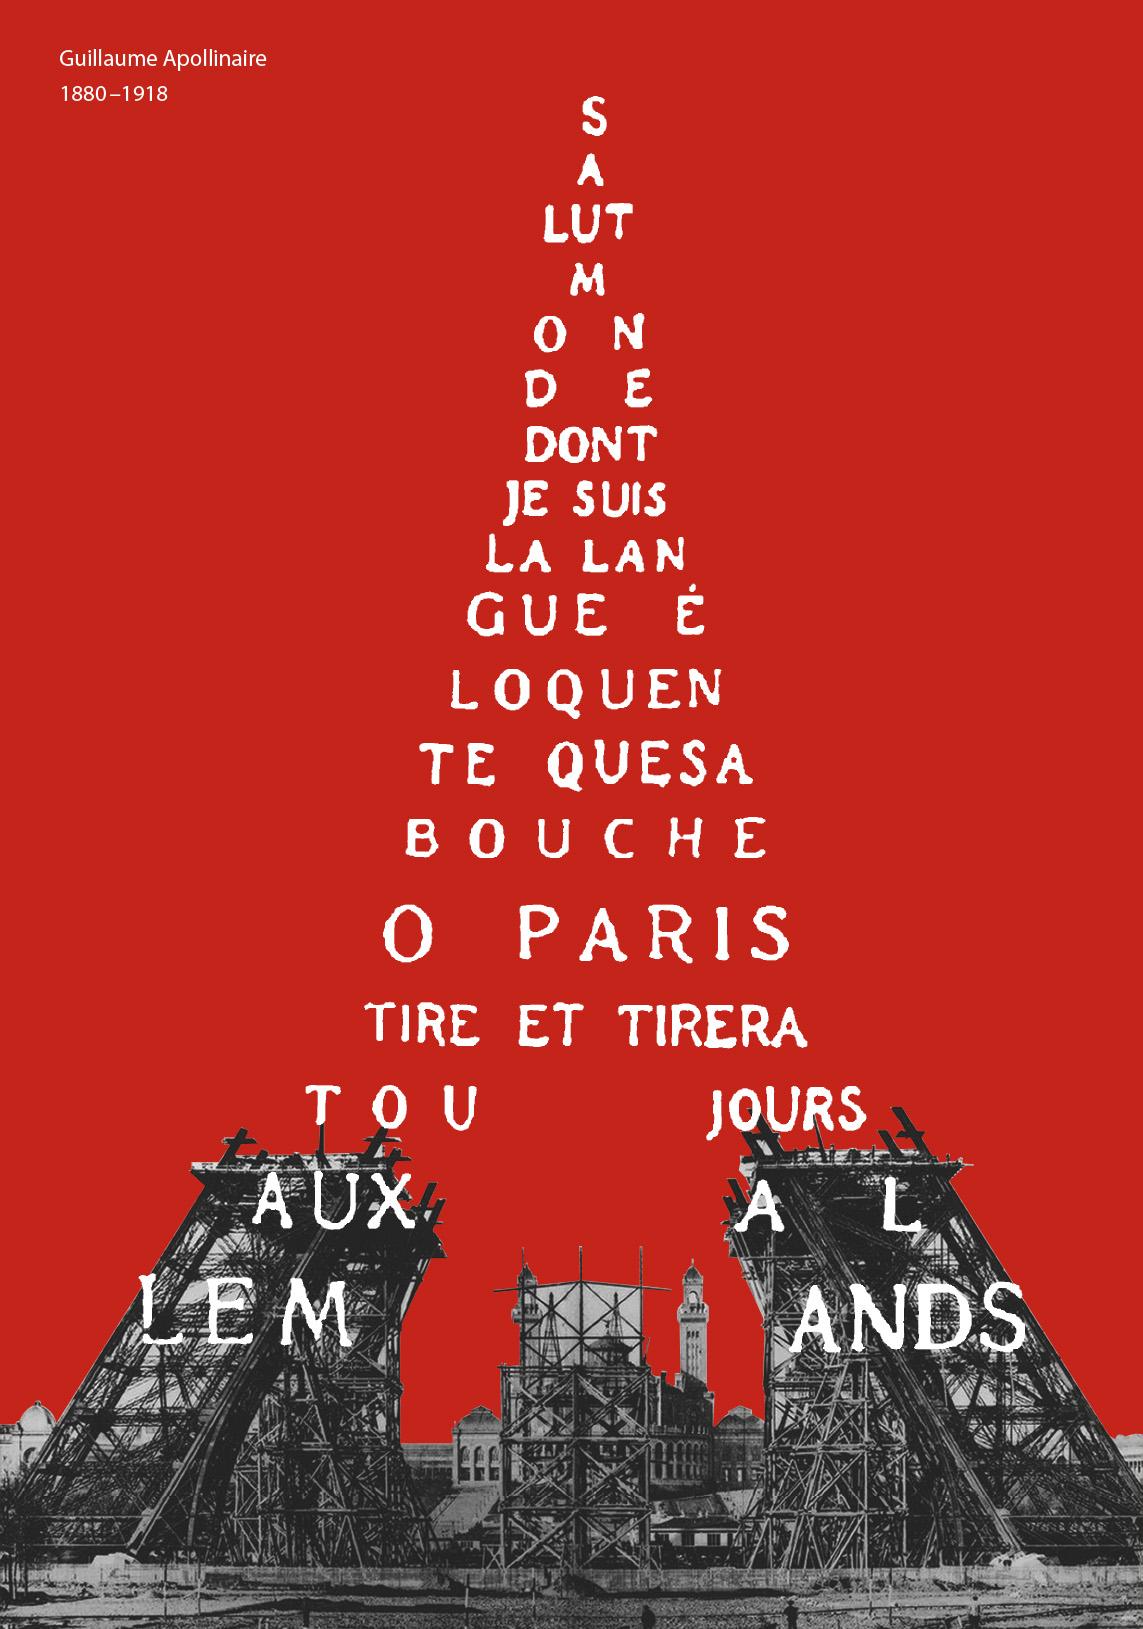 maturitní práce | 2018<br>plakát k výročí G. Apollinaire